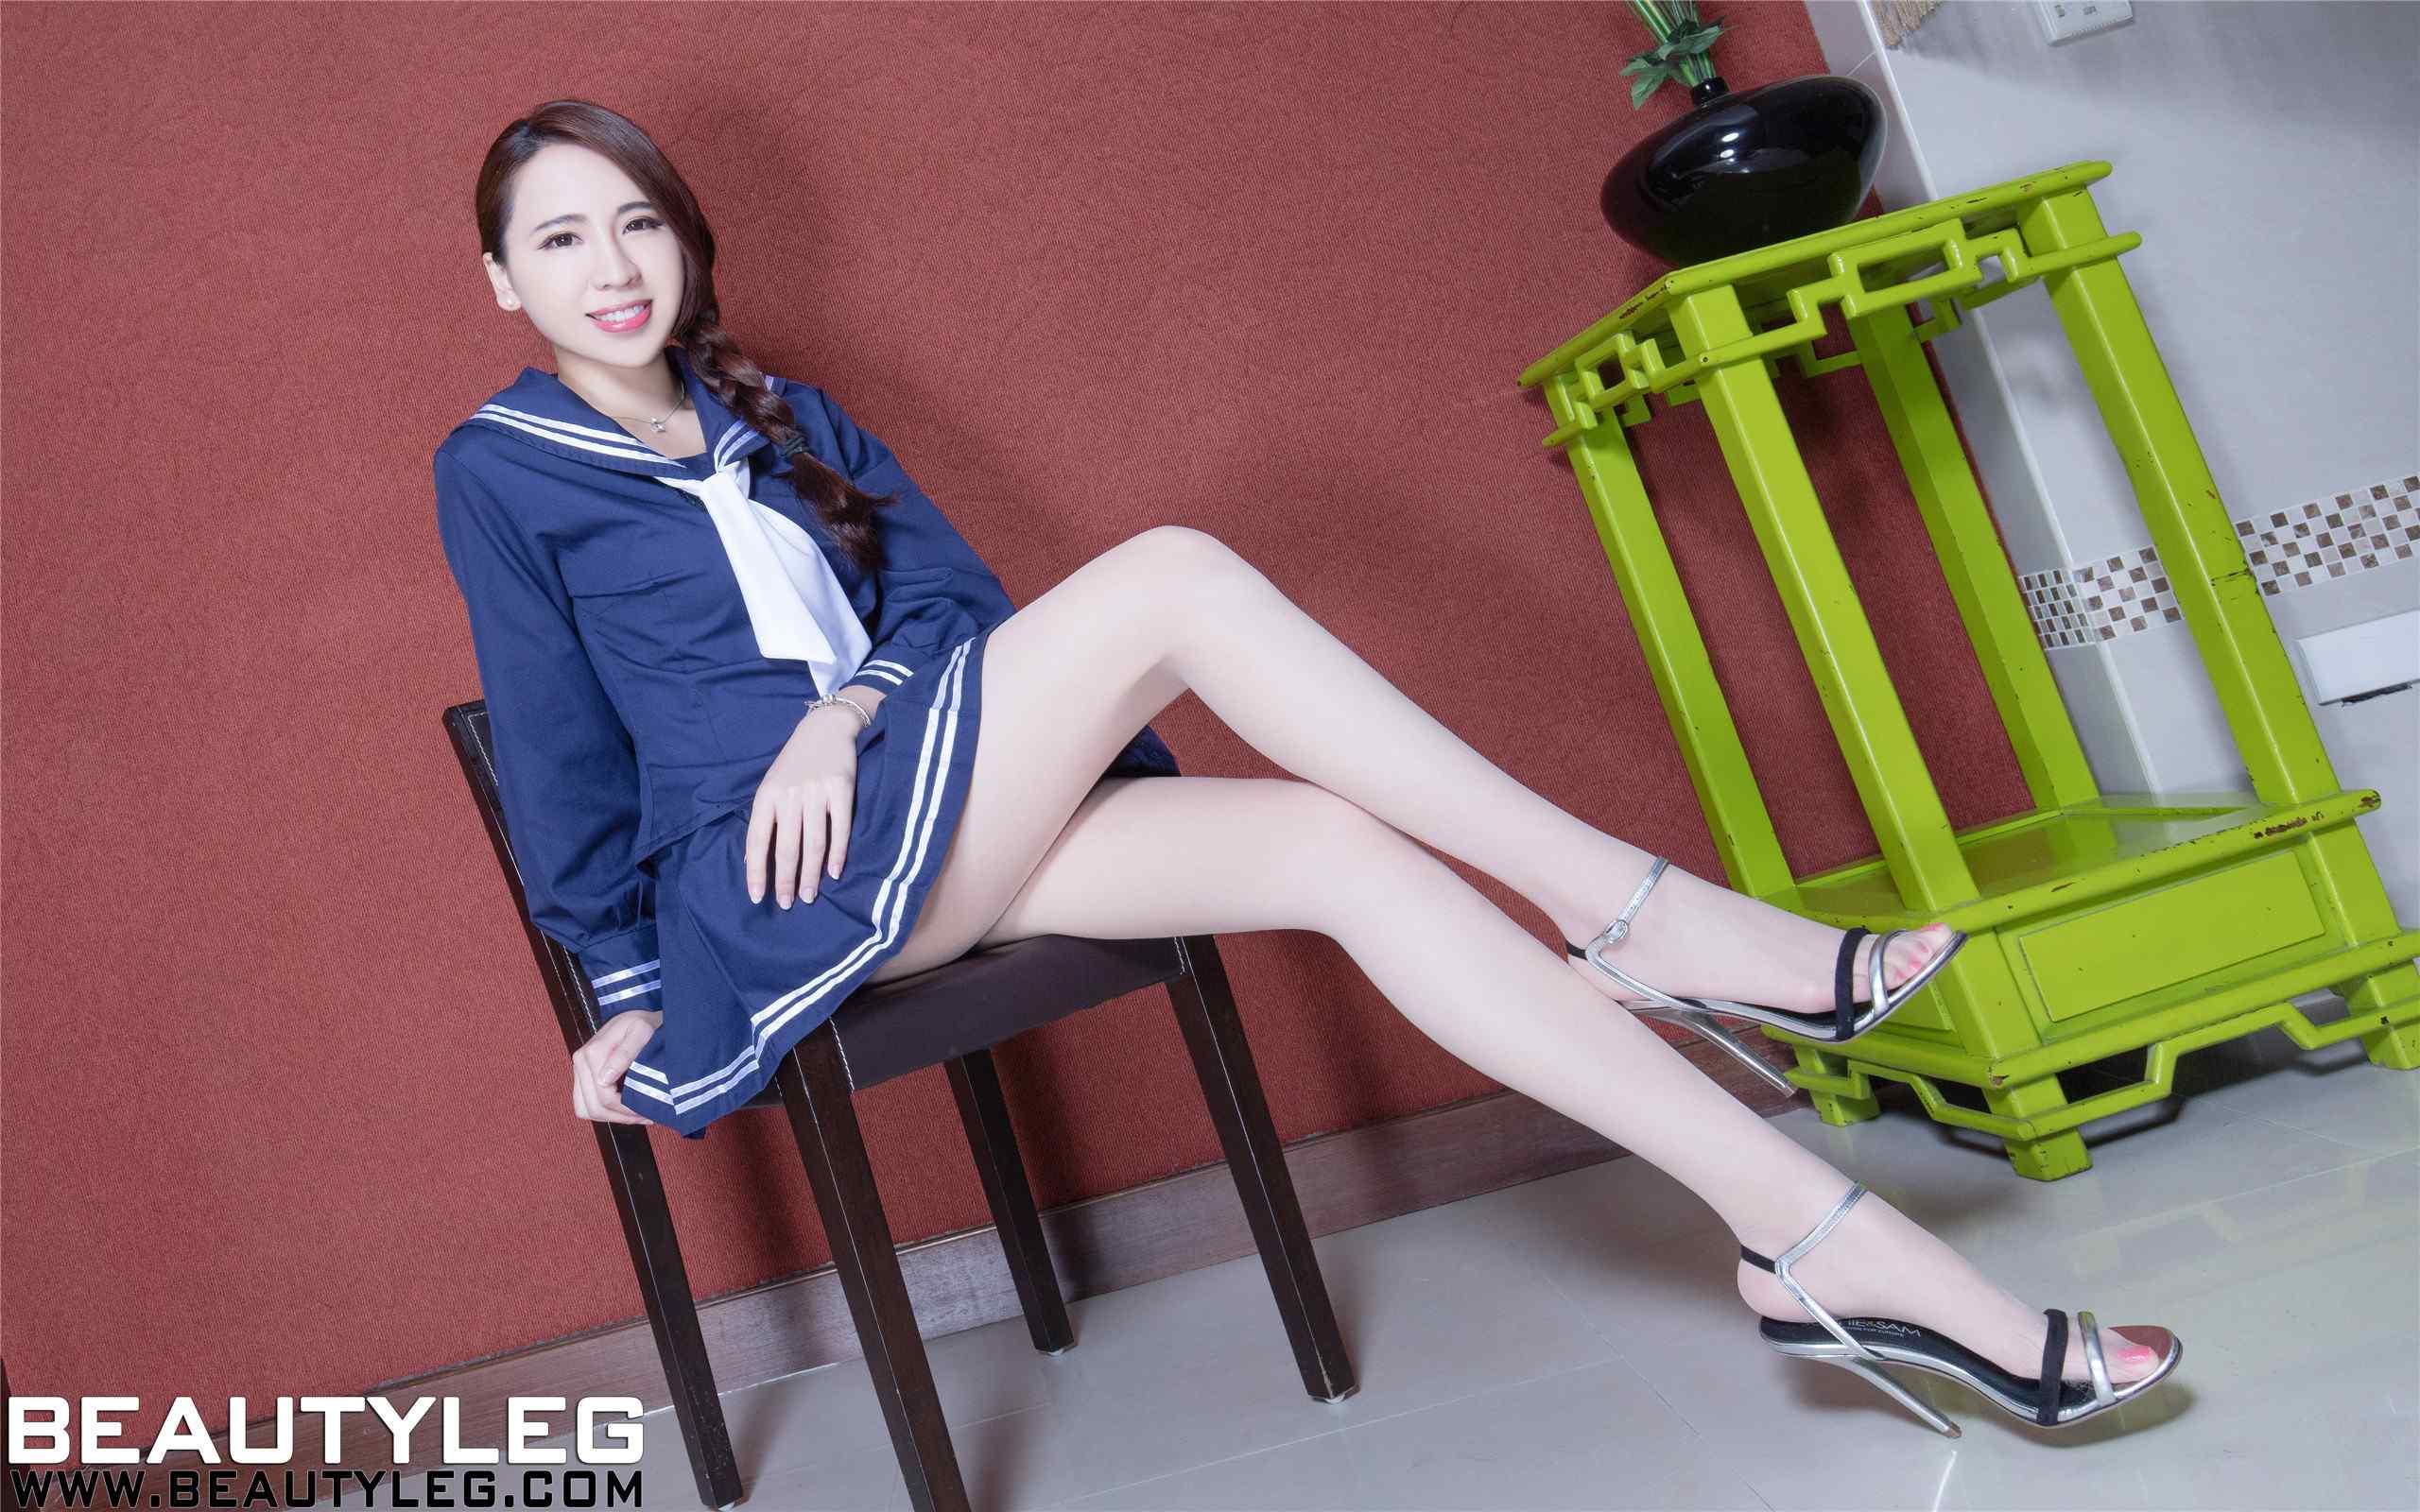 腿模Alice蓝色水手制服高清电脑桌面壁纸